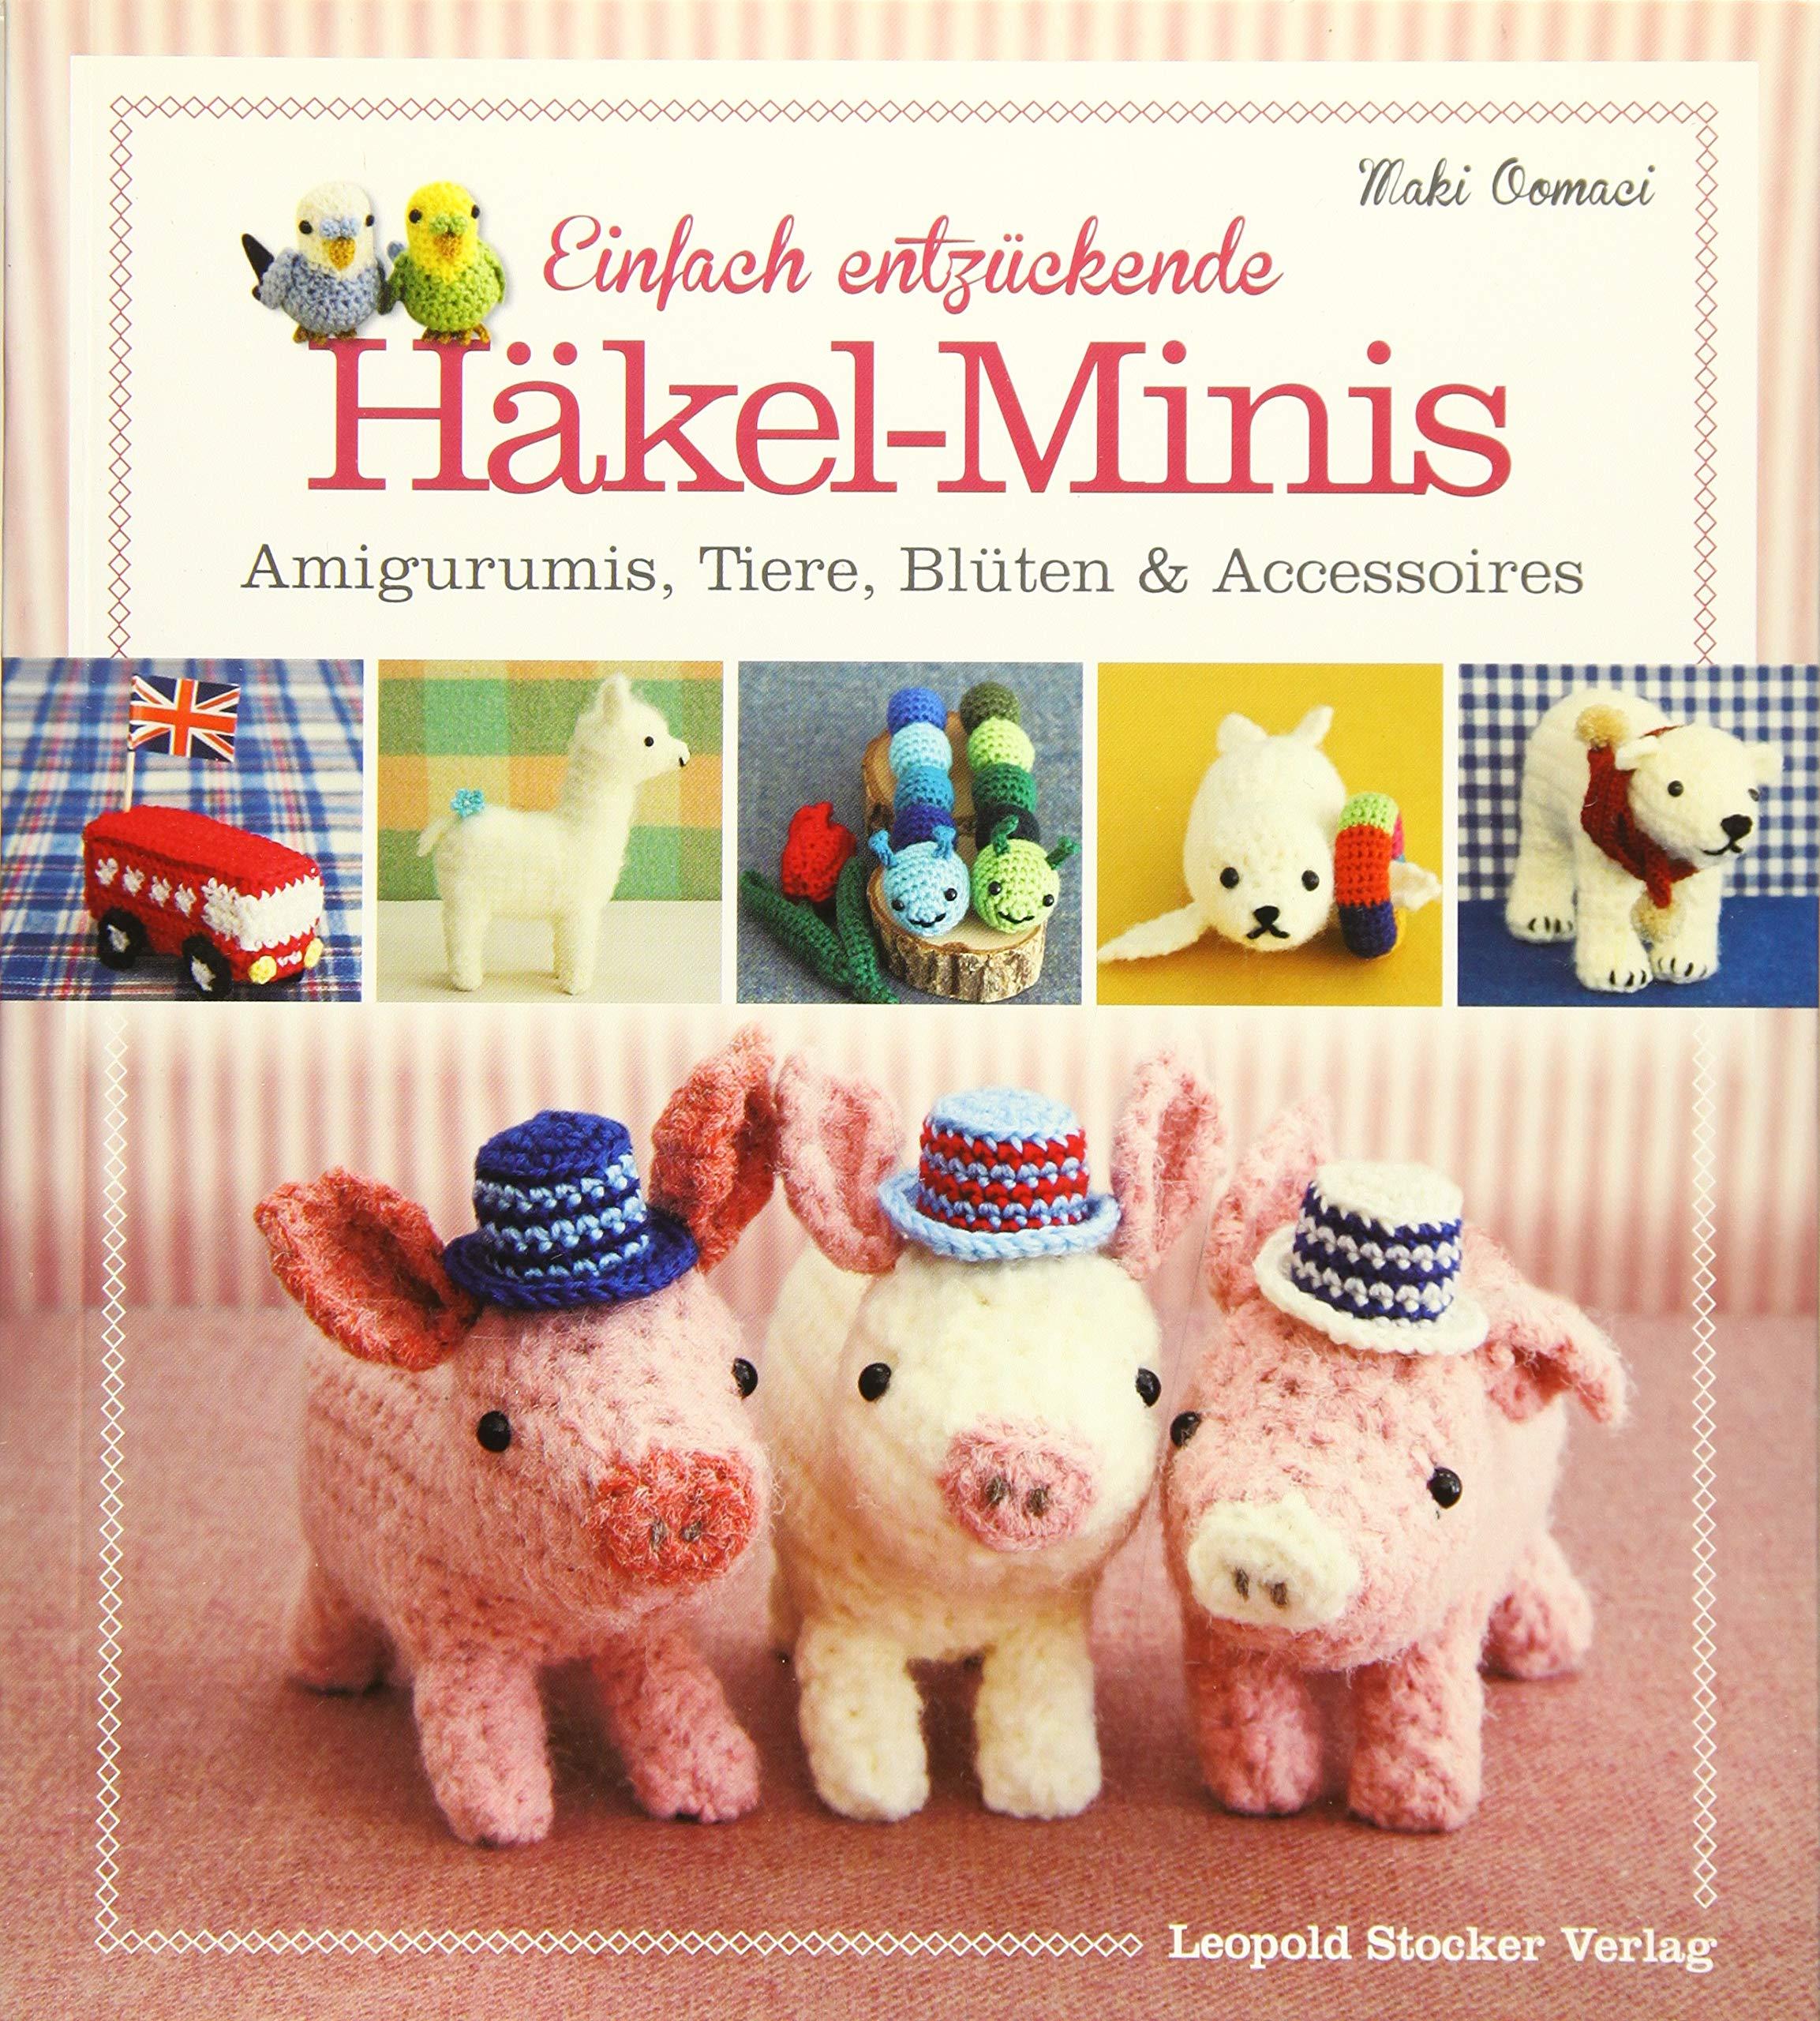 Häkeln, Handarbeiten und Nähen mit ZwergnaseBär - Posts | Facebook | 2560x2306